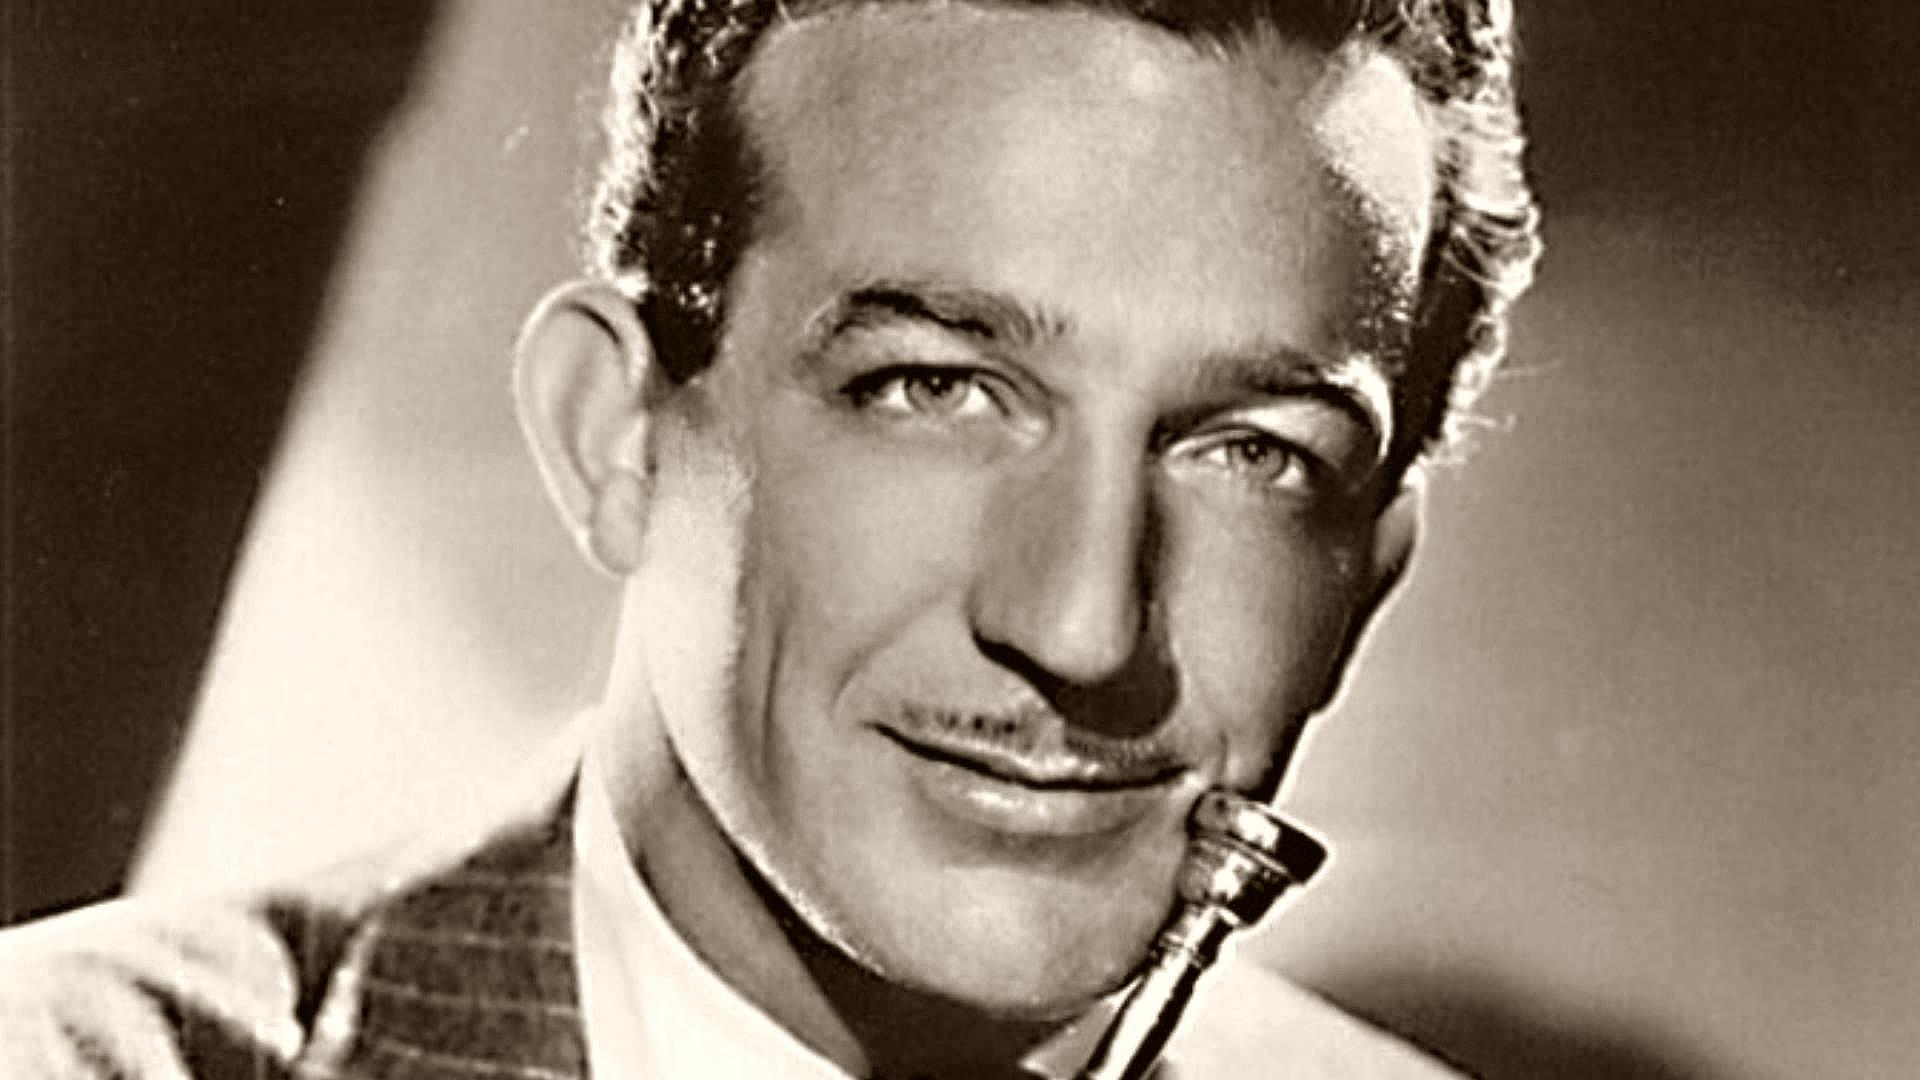 Harry James murió en Las Vegas el 5 de julio de 1983